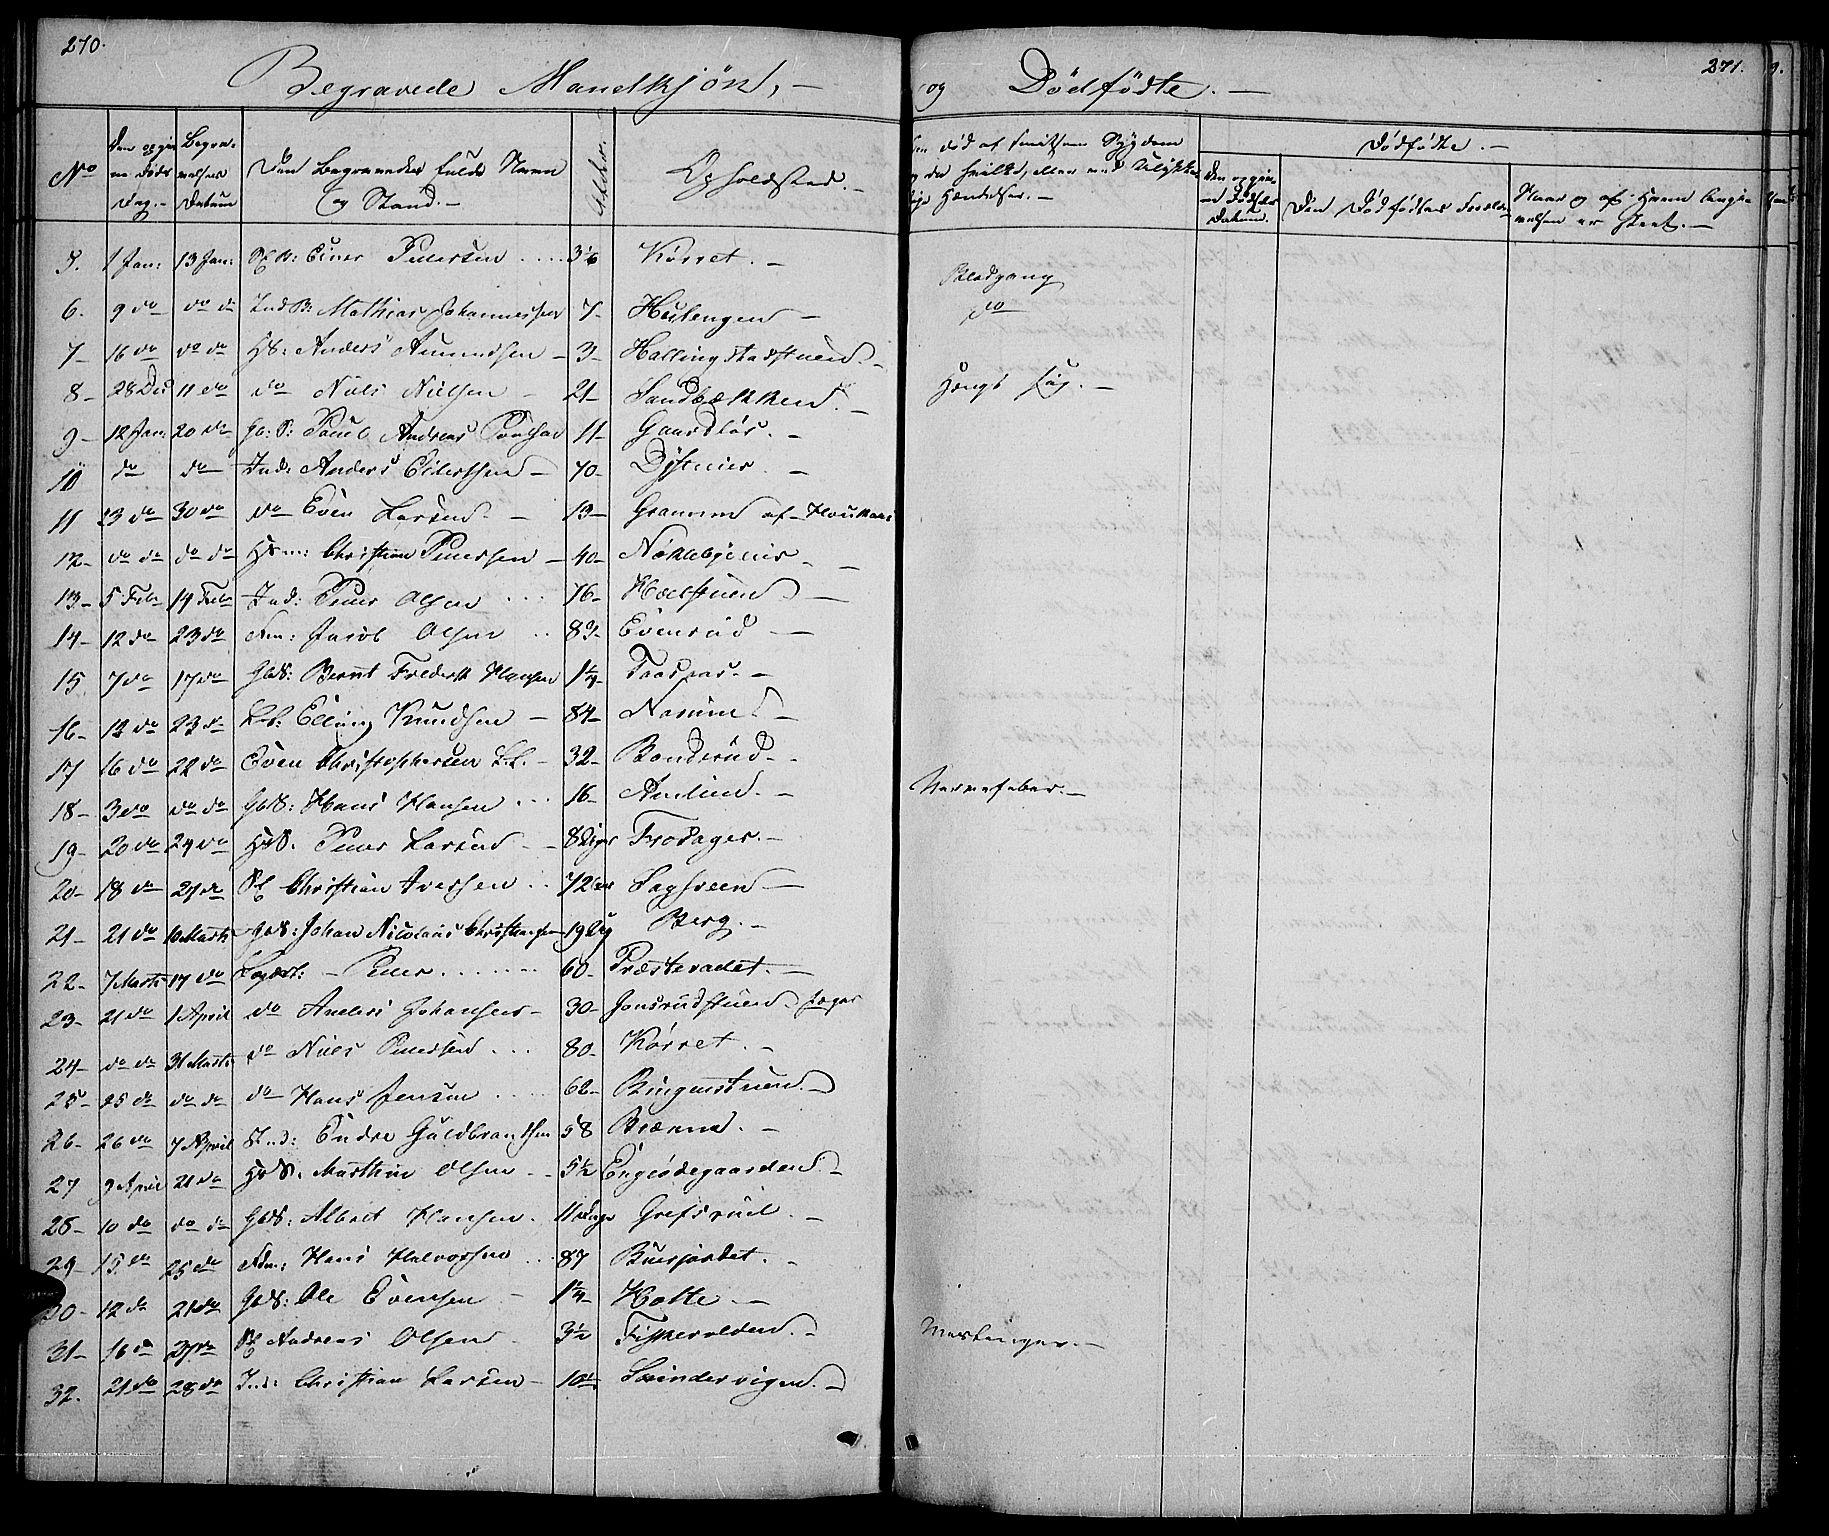 SAH, Vestre Toten prestekontor, Klokkerbok nr. 2, 1836-1848, s. 270-271